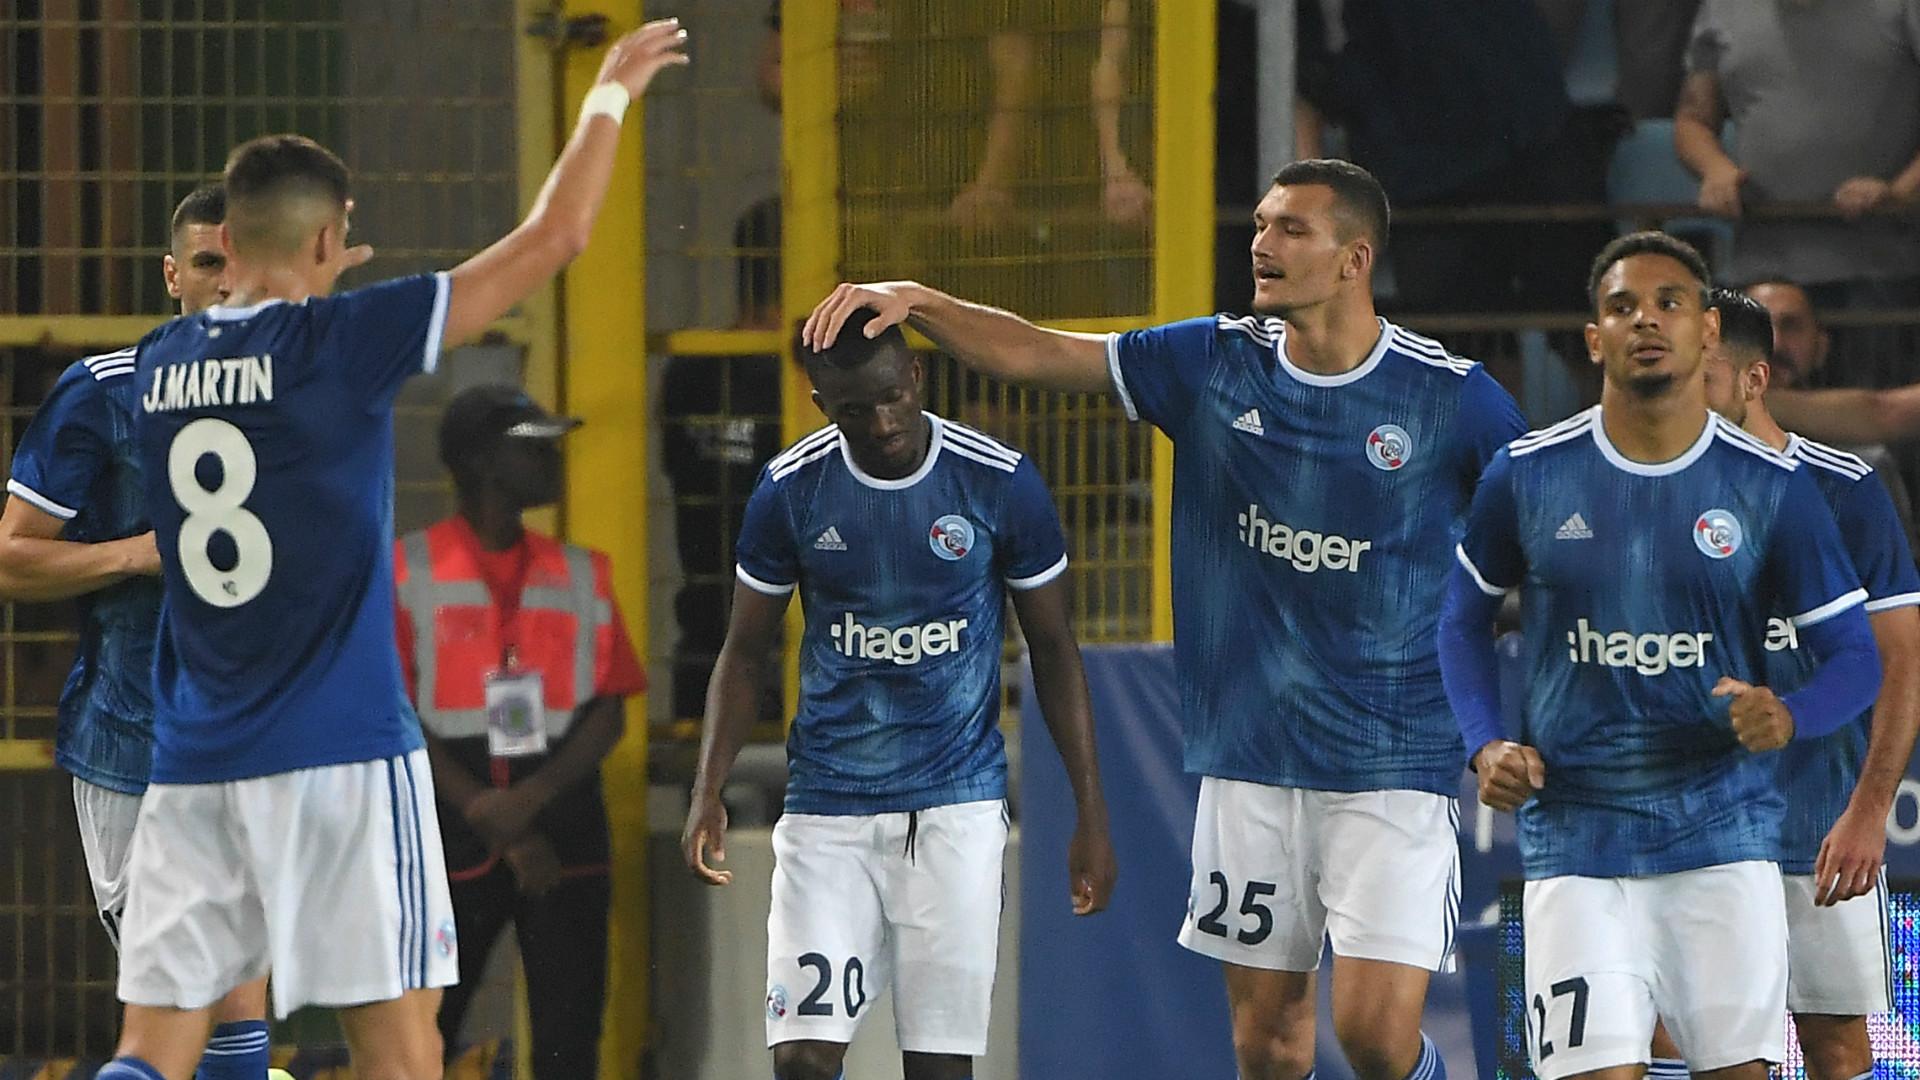 Ligue 1, 6ème journée : revivez le direct de Strasbourg-Nantes